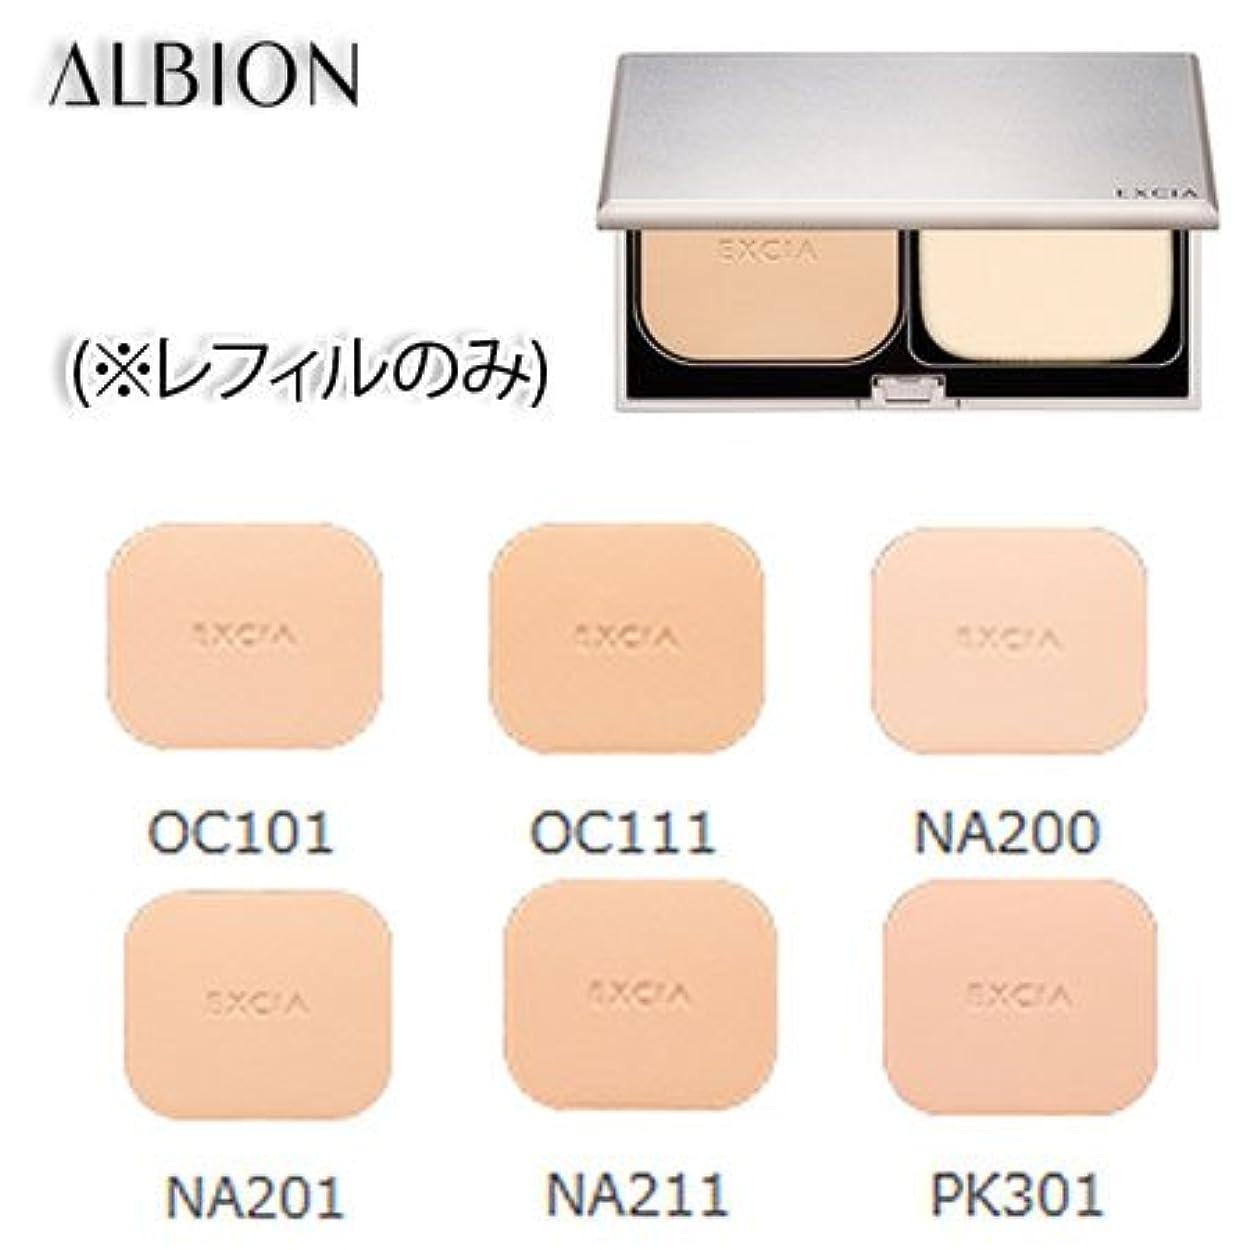 軸奪う短くするアルビオン エクシア AL ホワイトプレミアムパウダー ファンデーション SPF30 PA+++ 11g 6色 (レフィルのみ) -ALBION- NA200